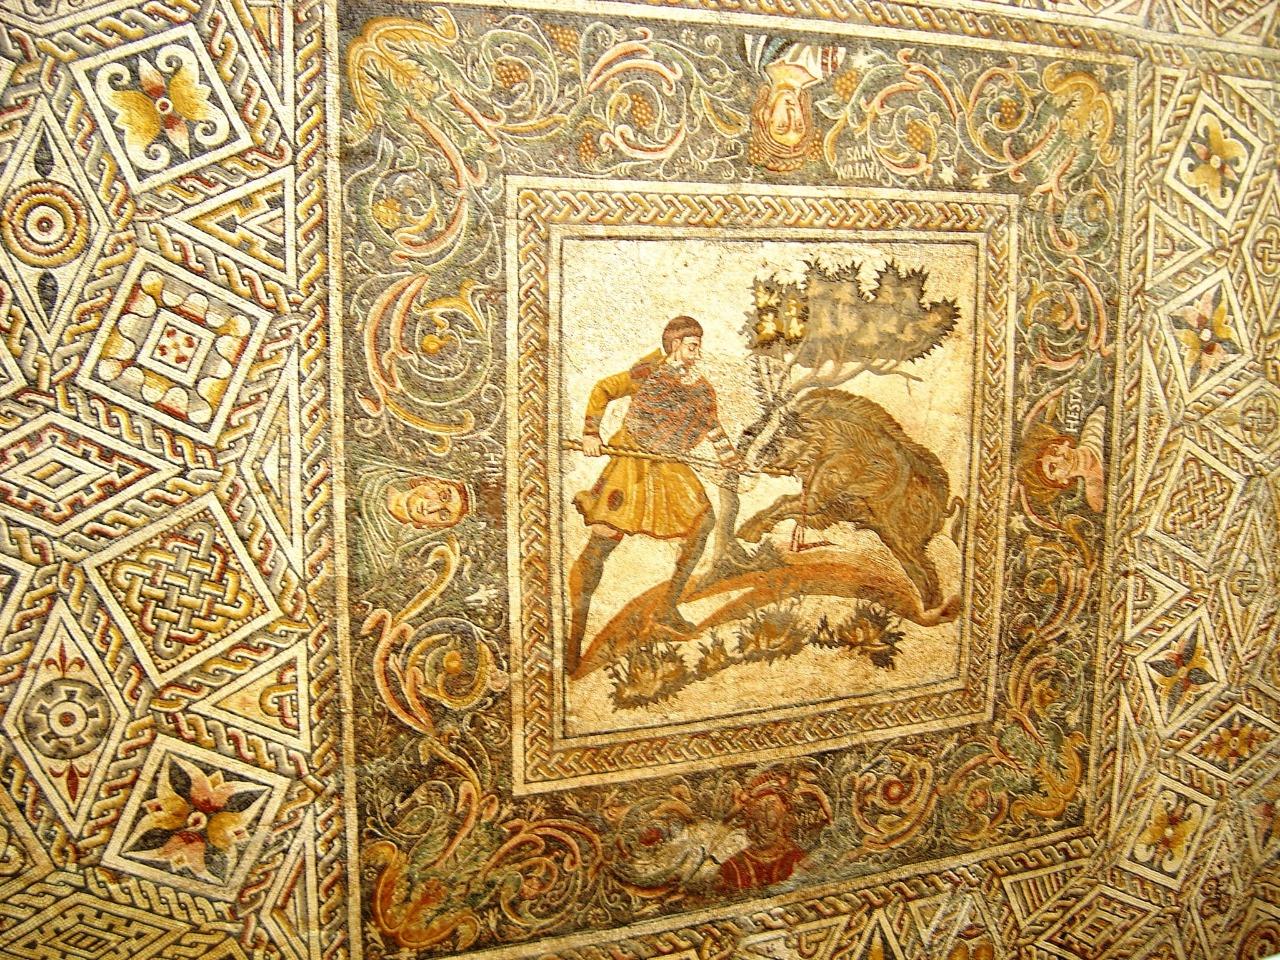 detalle gran mosaico en museo romano de merida